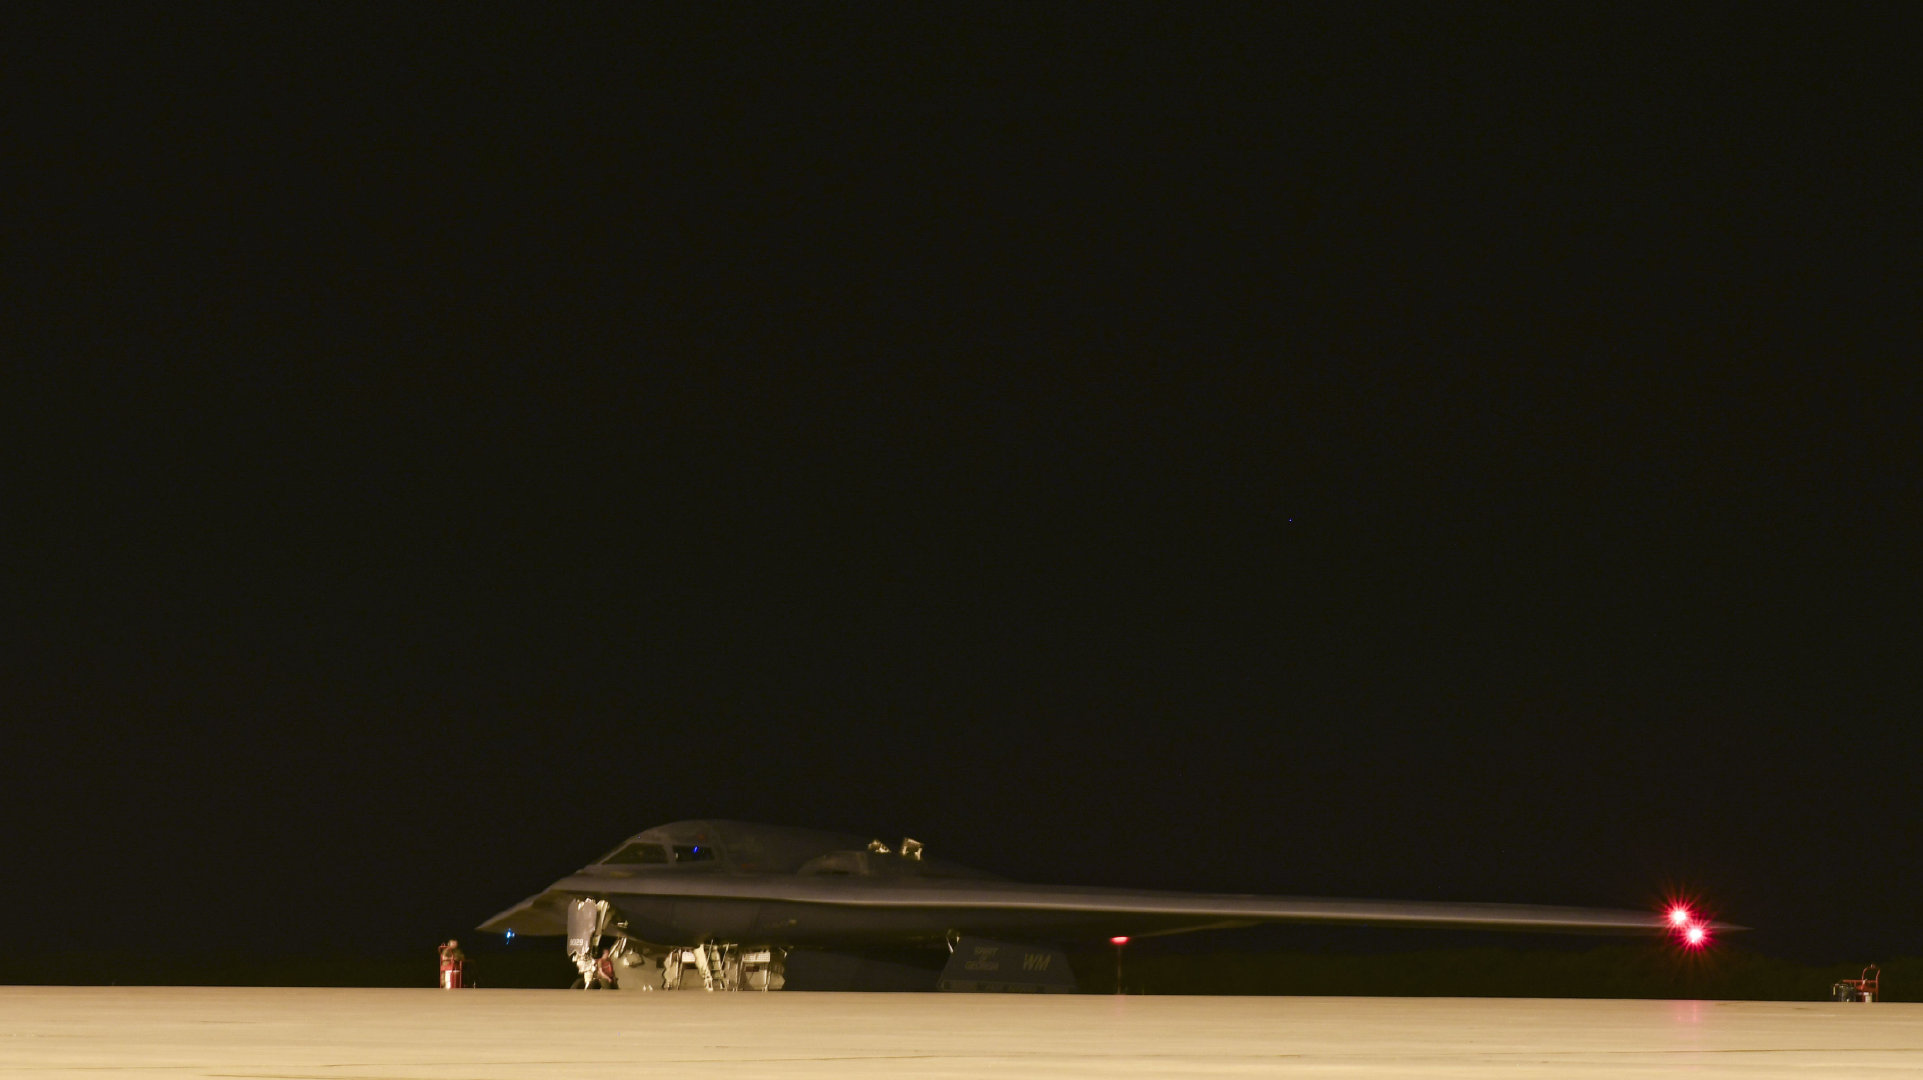 密苏里州怀特曼空军基地的B-2潜行轰炸机降落在海军支援设施迭戈·加西